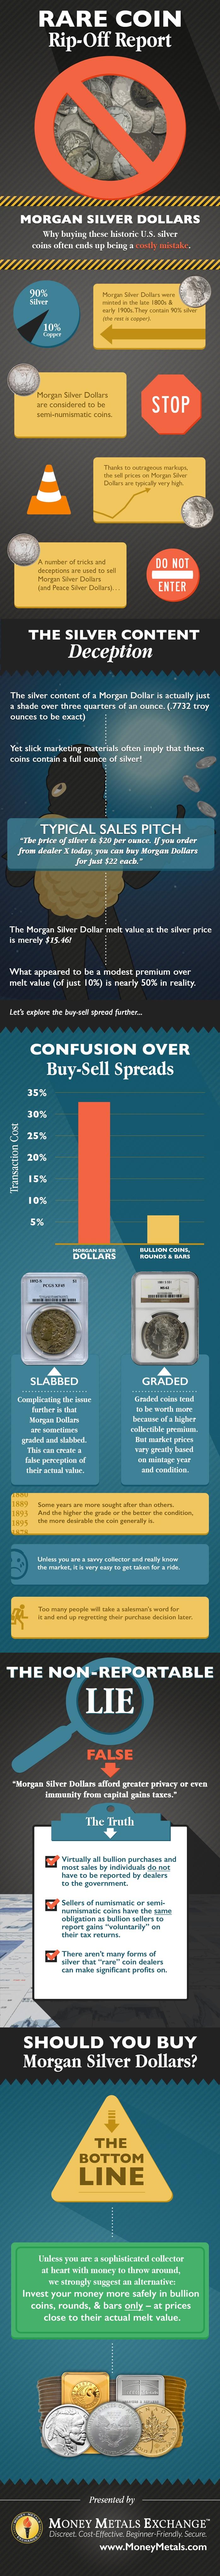 Morgan Silver Dollar Scam